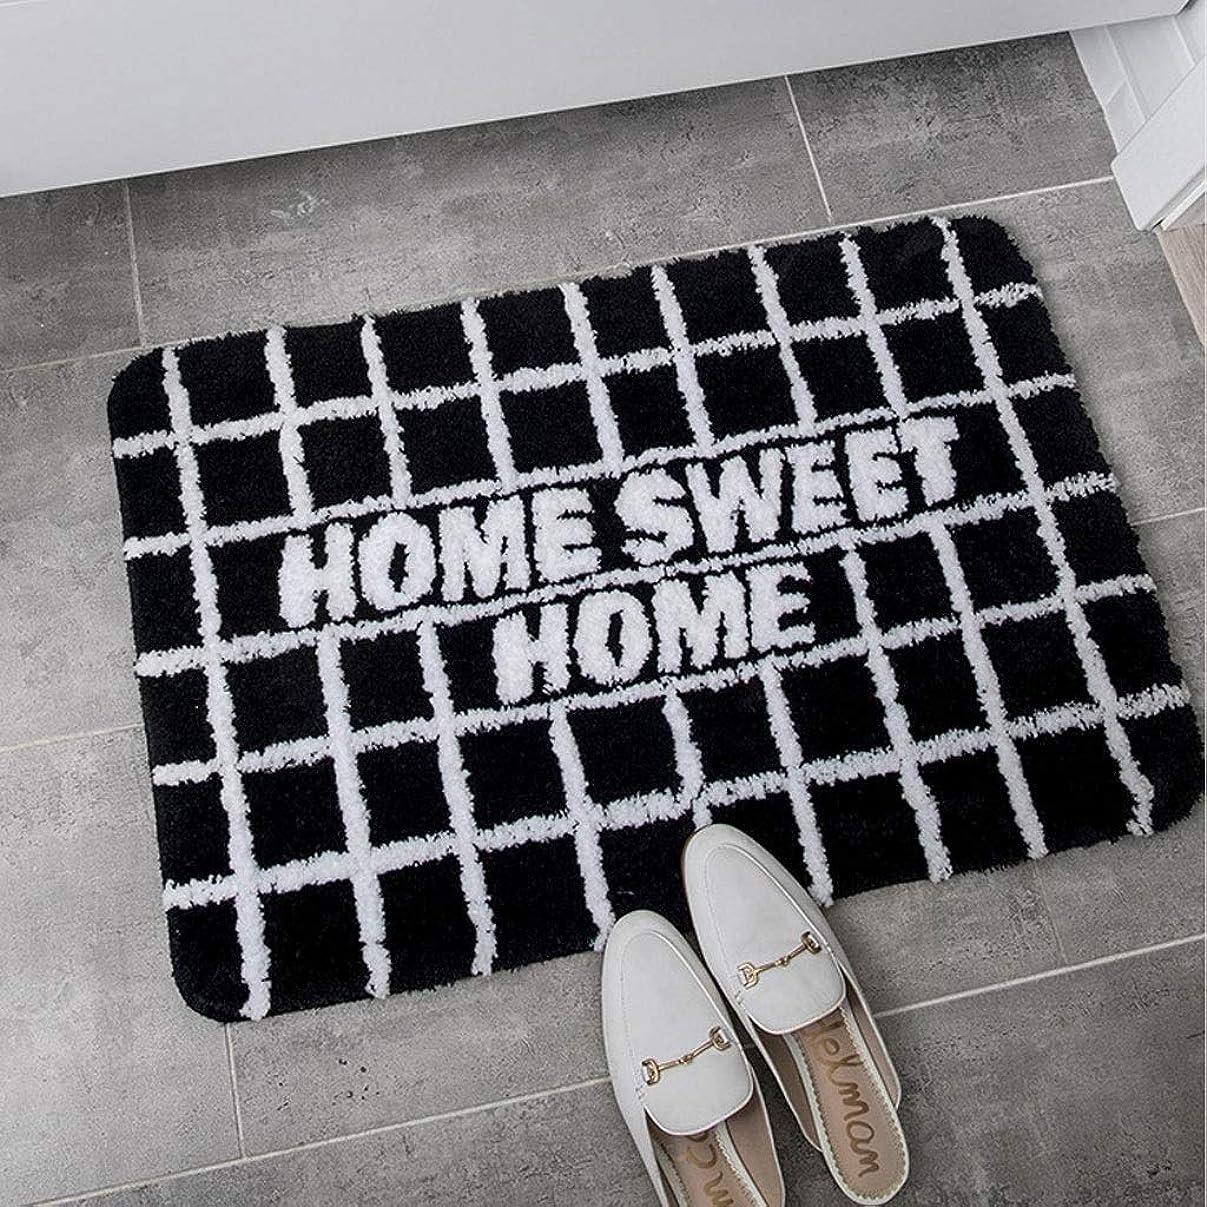 残りロゴ祖母黒とグレーのバスマットノンスリップシャギーとソフト吸収長方形ボーダーバスラグフロアパッド洗えるバスルームベッドルームカーペットに最適 (Color : ブラック, Size : 50×80cm)